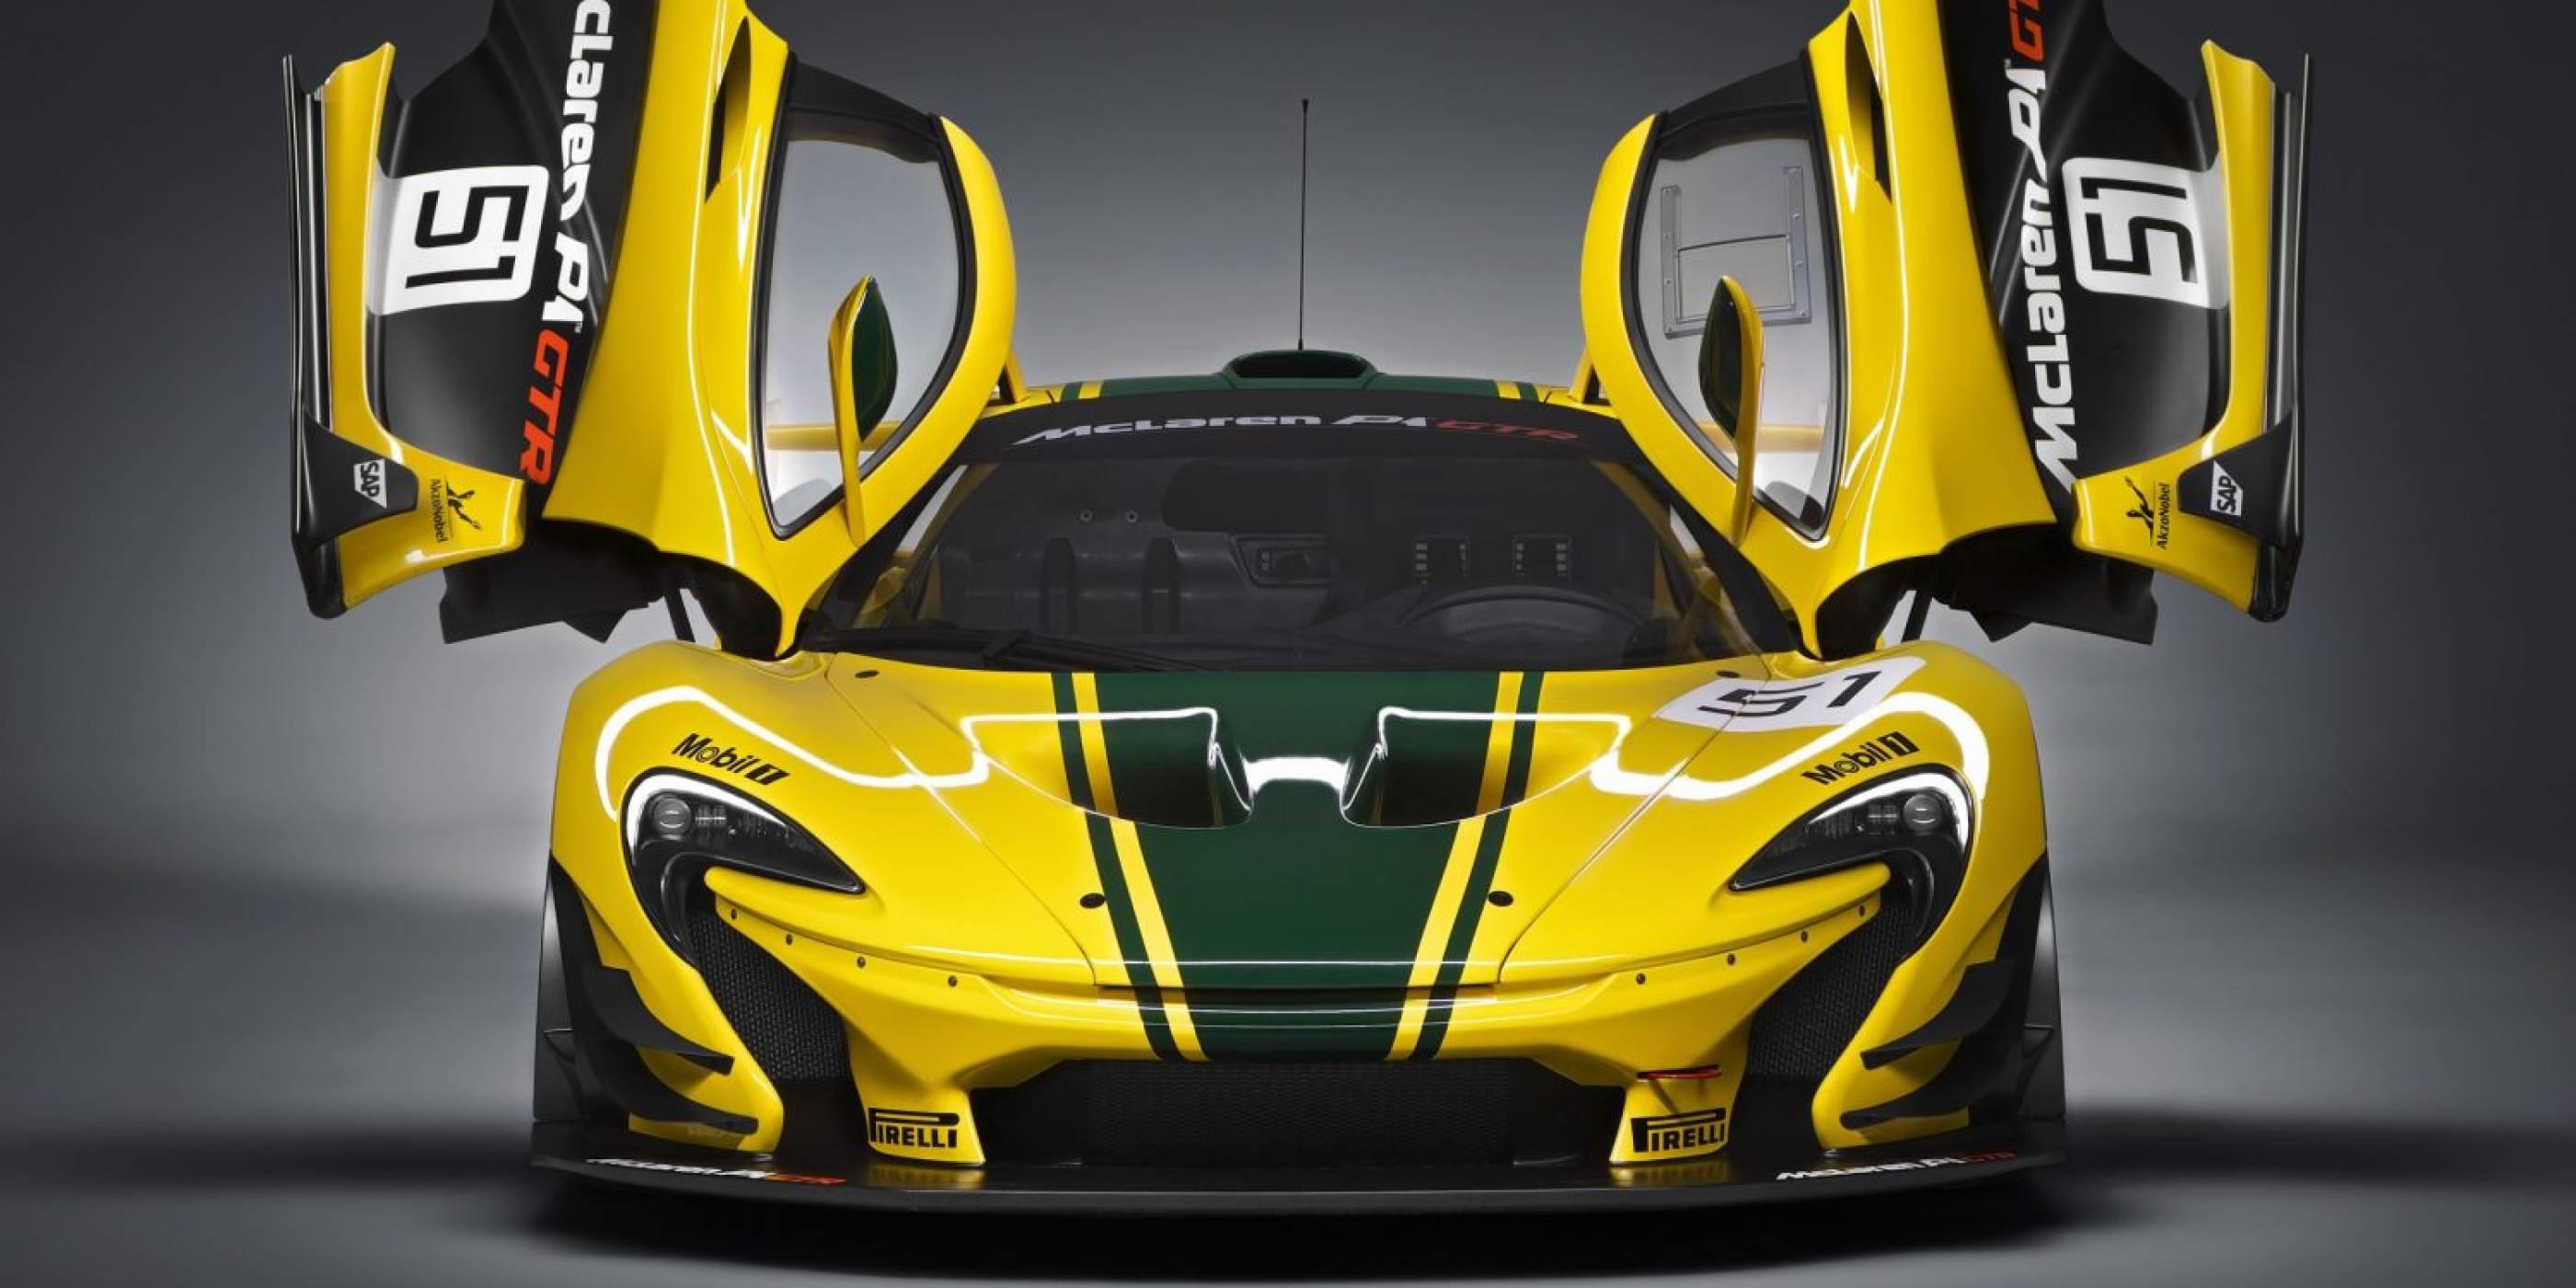 Хибридната суперкола на McLaren ускорява до 100 км/ч за 2.3 секунди